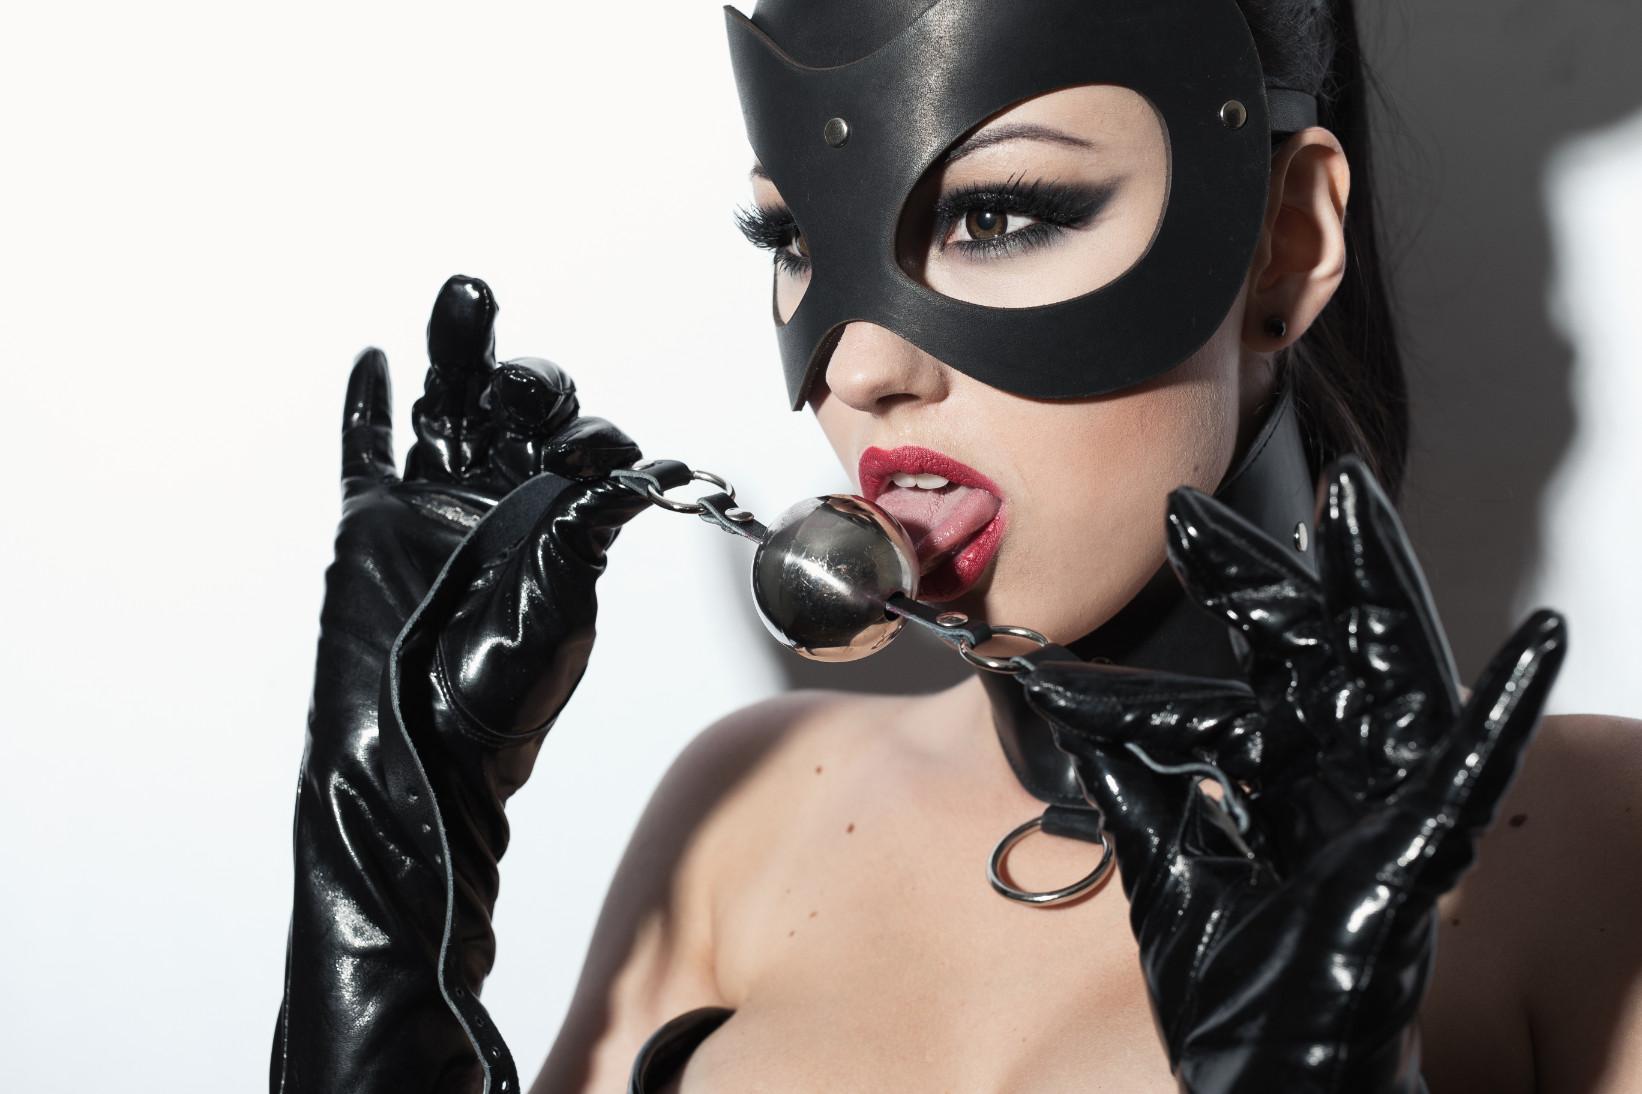 Figurine Sex Porn